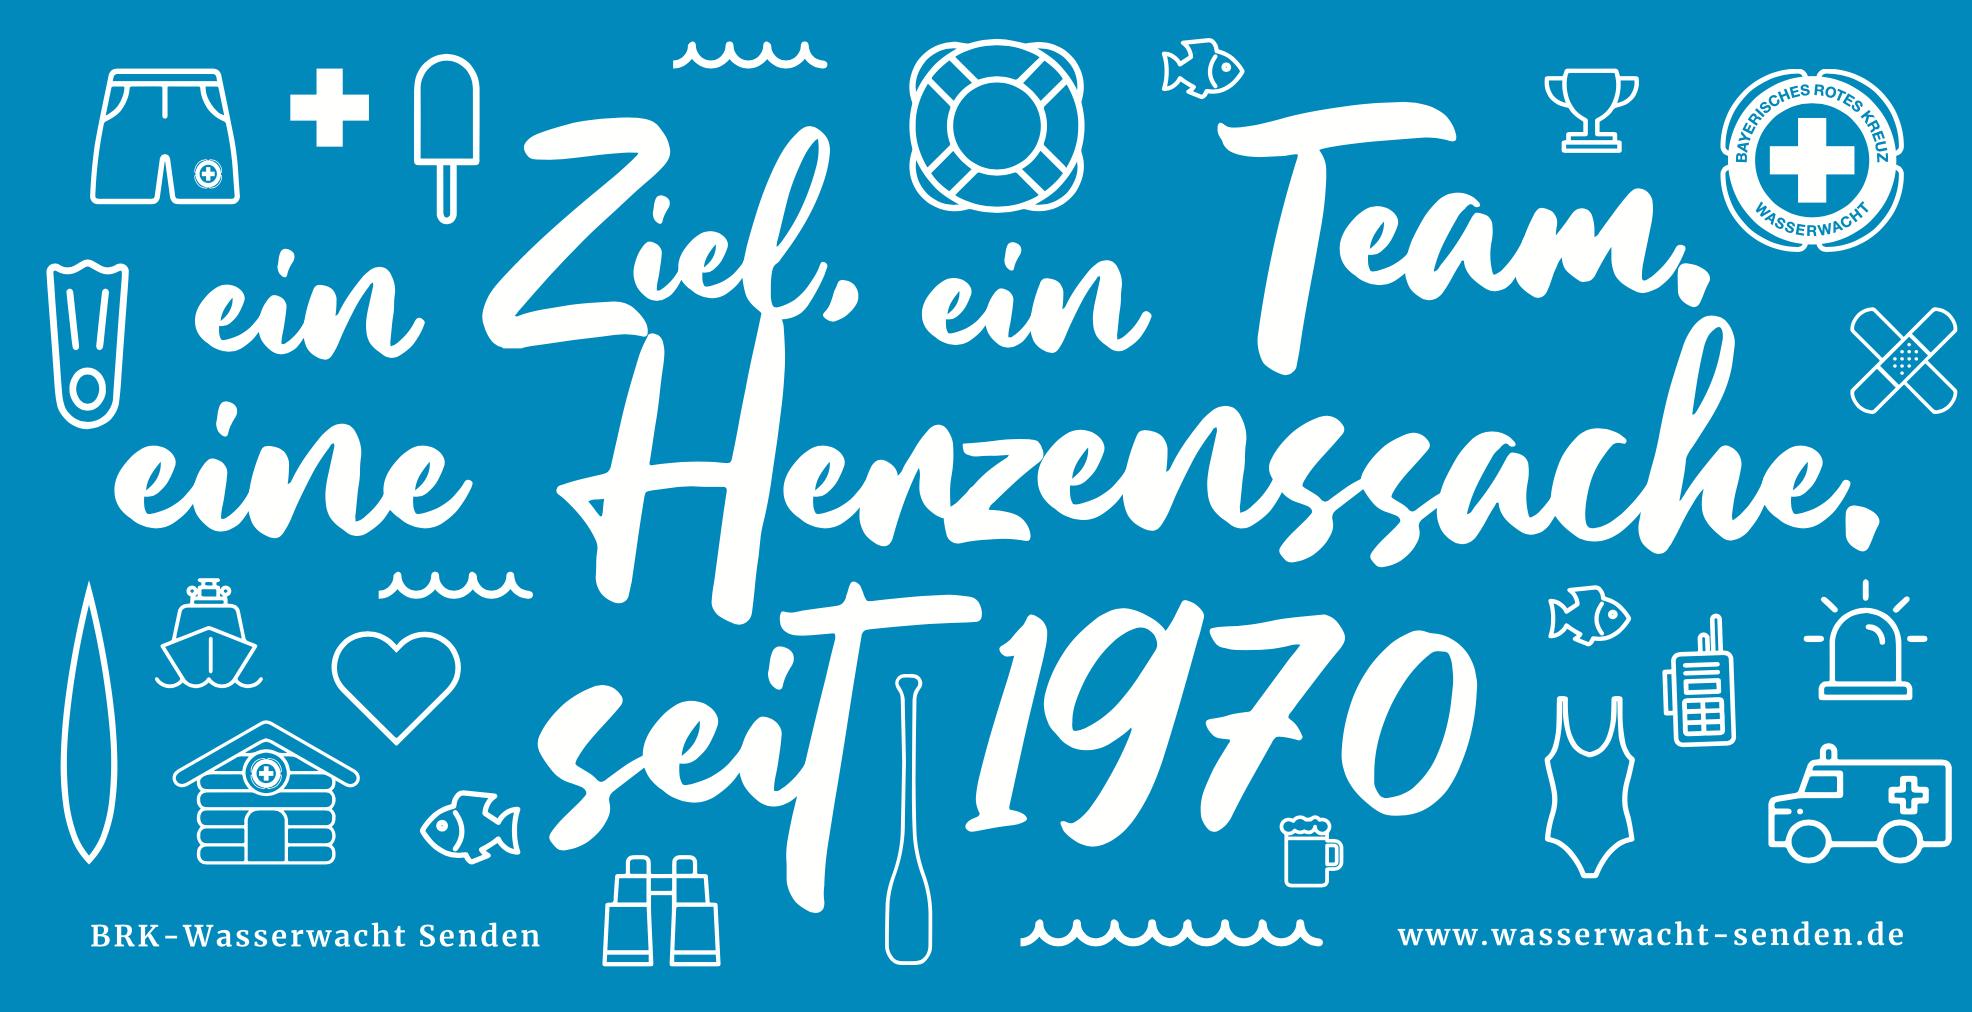 50 Jahre BRK-Wasserwacht Senden